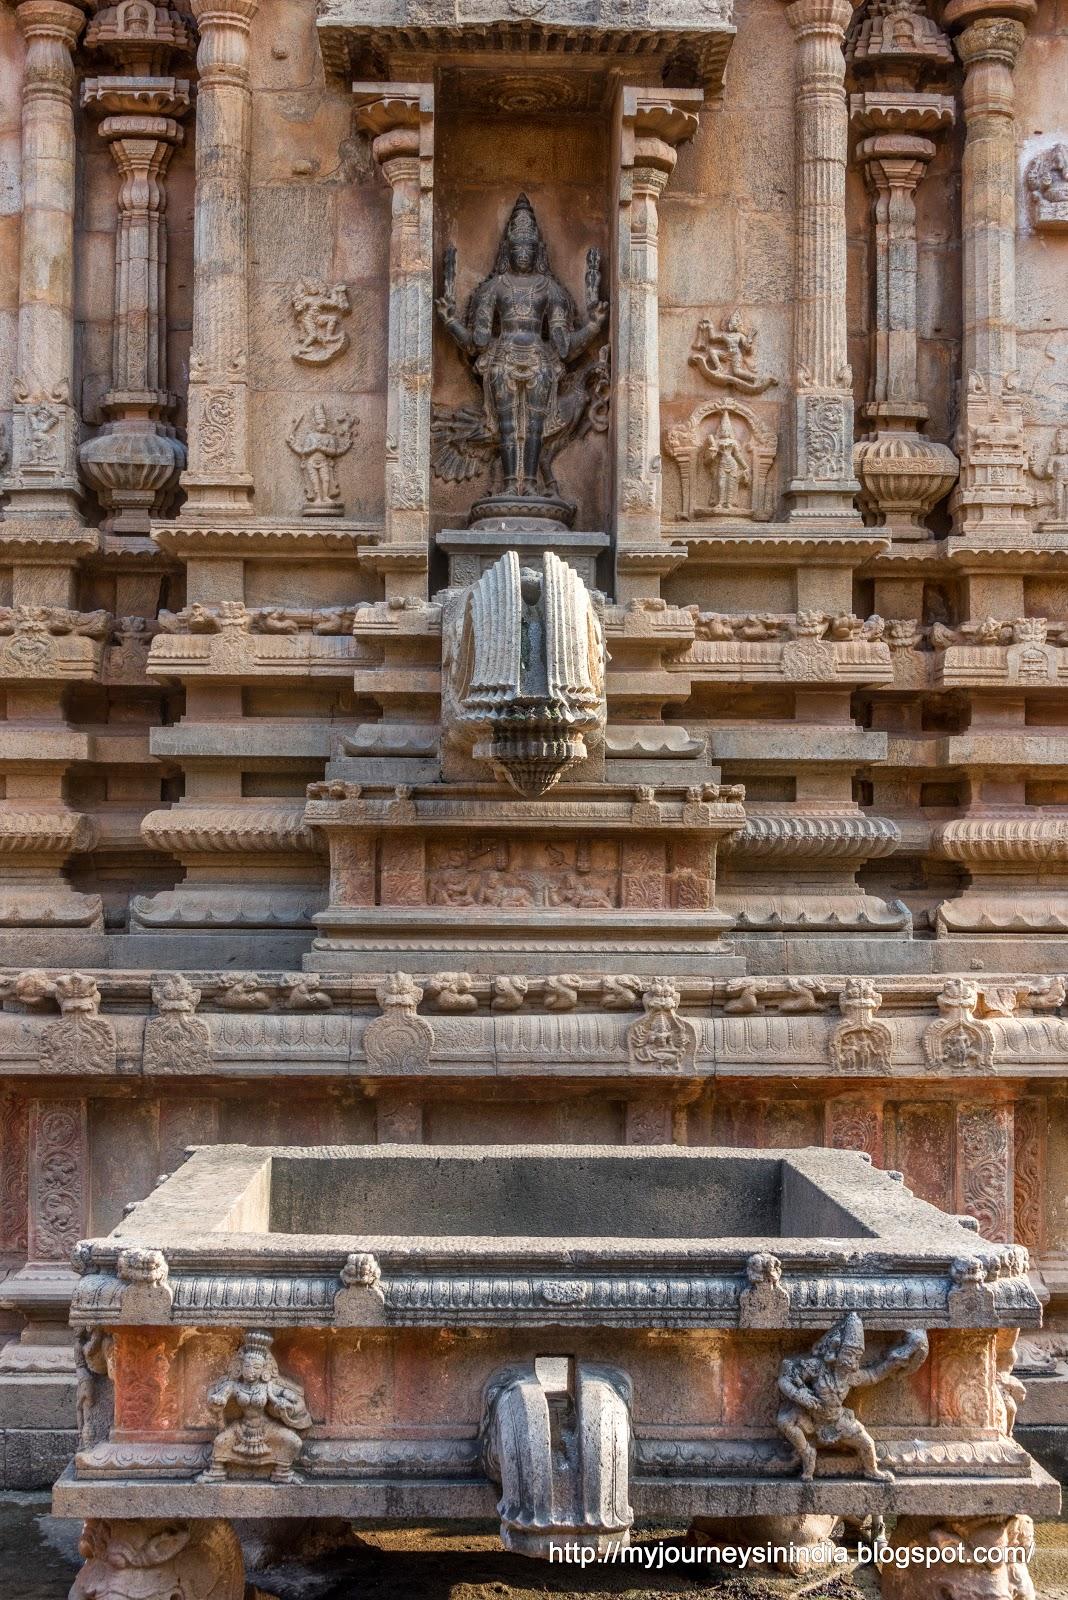 Thanjavur Brihadeeswarar Temple Murugan Subramanya